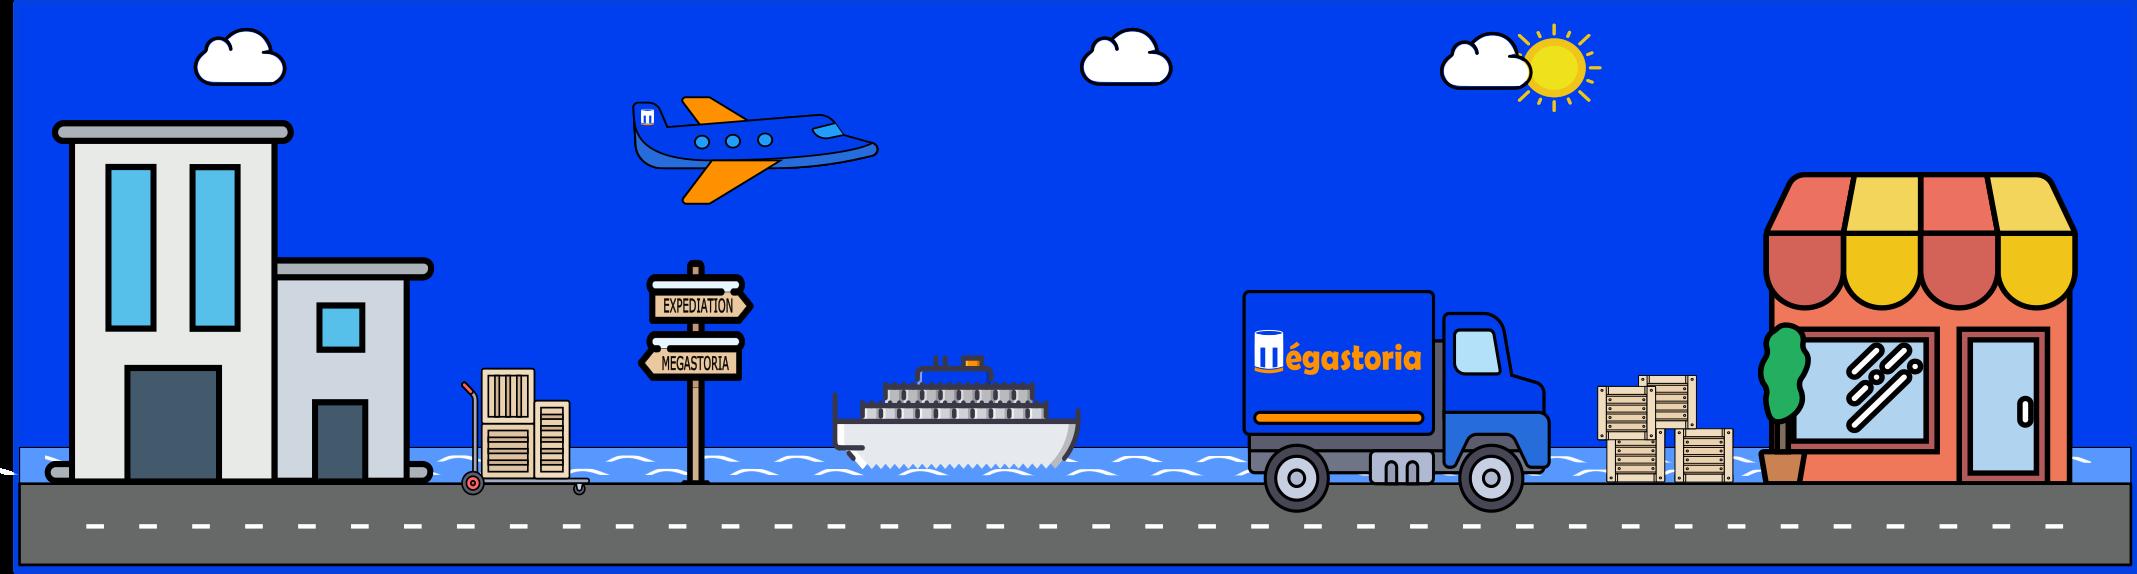 La livraison avec Megastoria